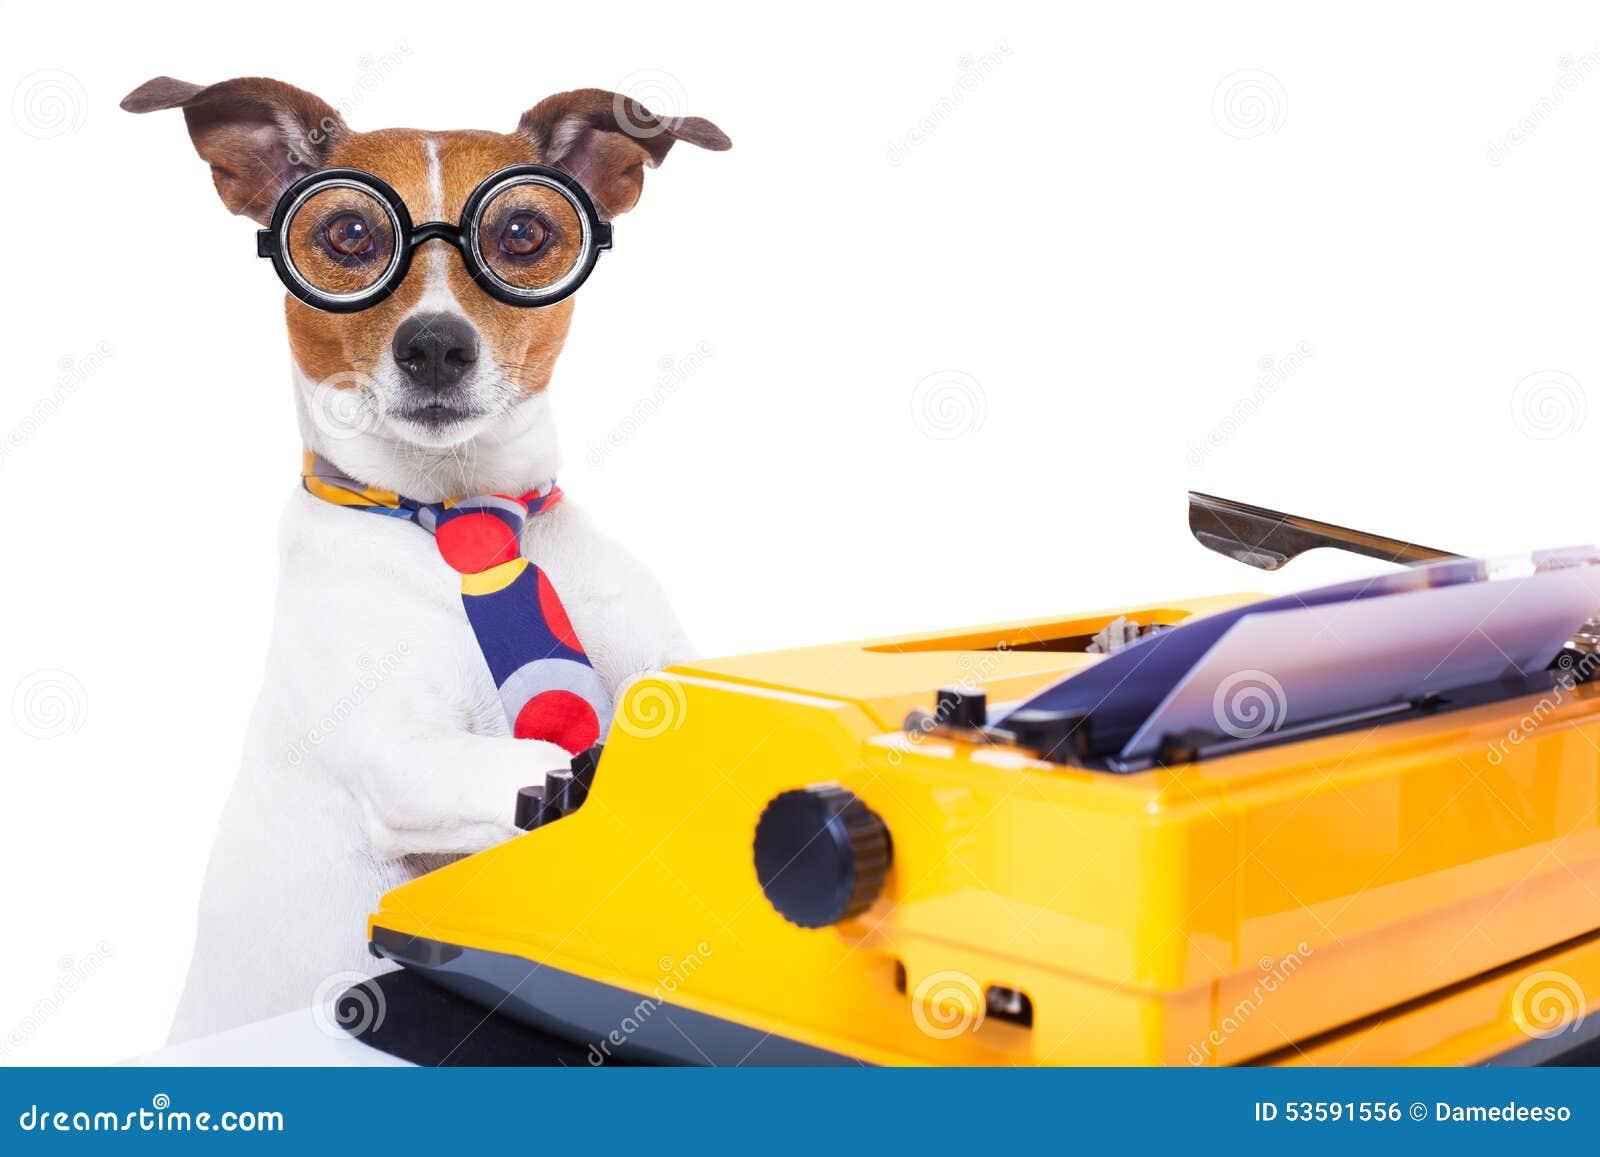 Secretary Typewriter Dog Stock Photo Image 53591556